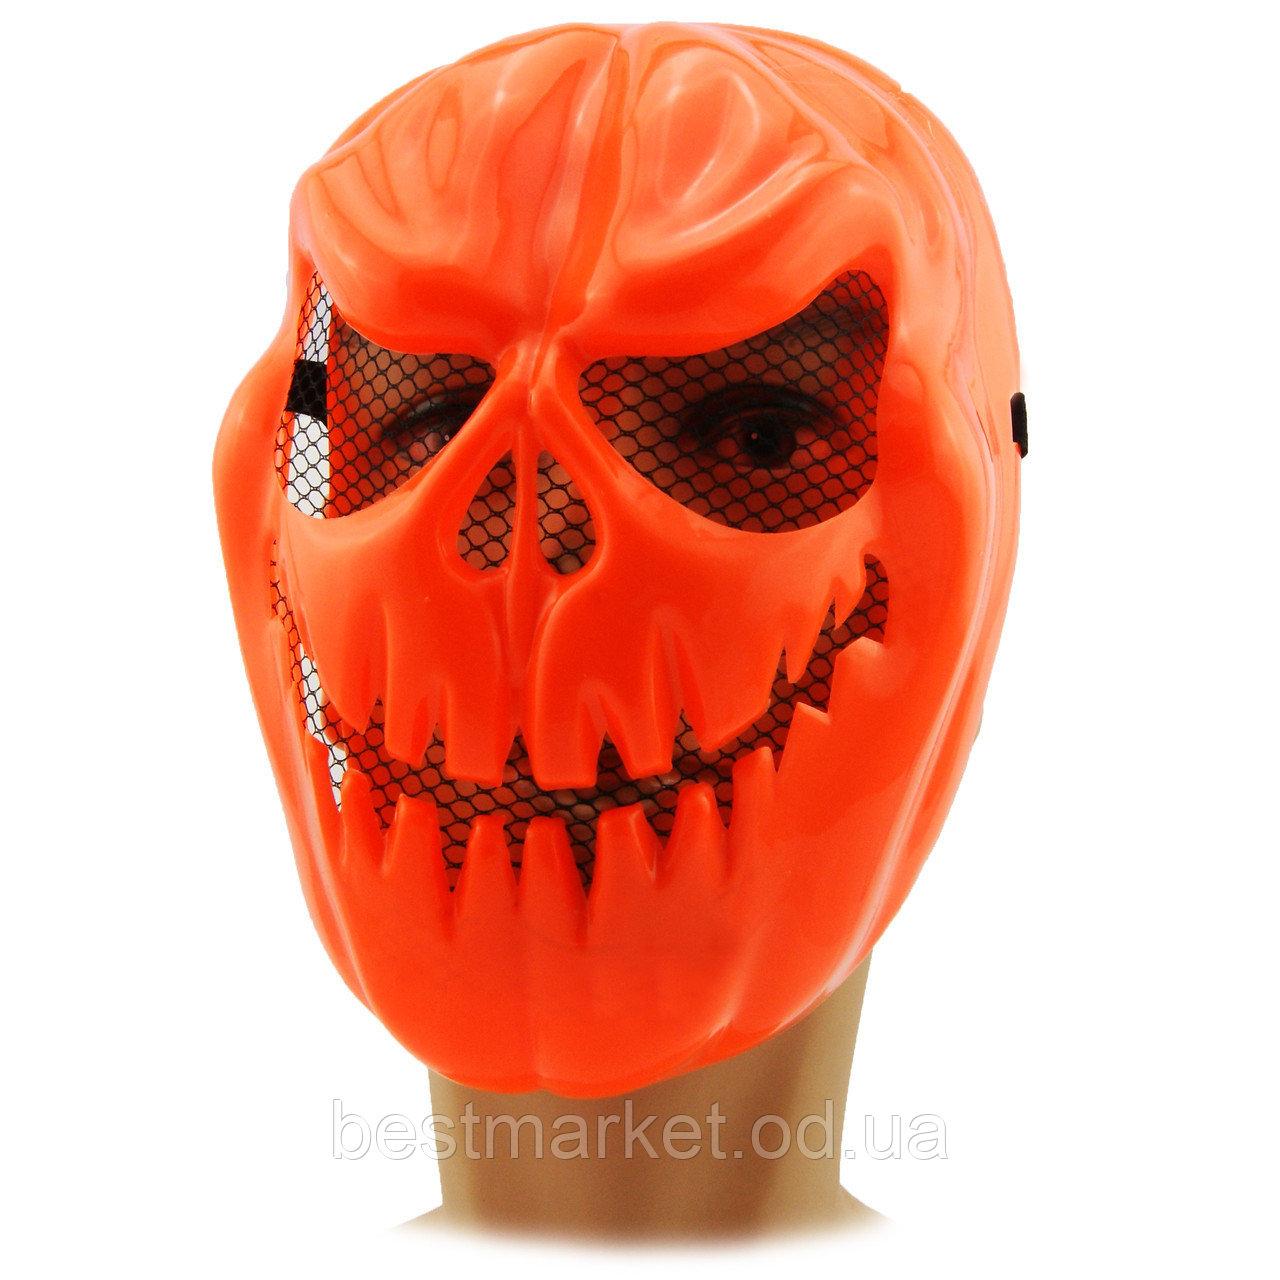 w640 h640 karnavalnaya plastikovaya maska